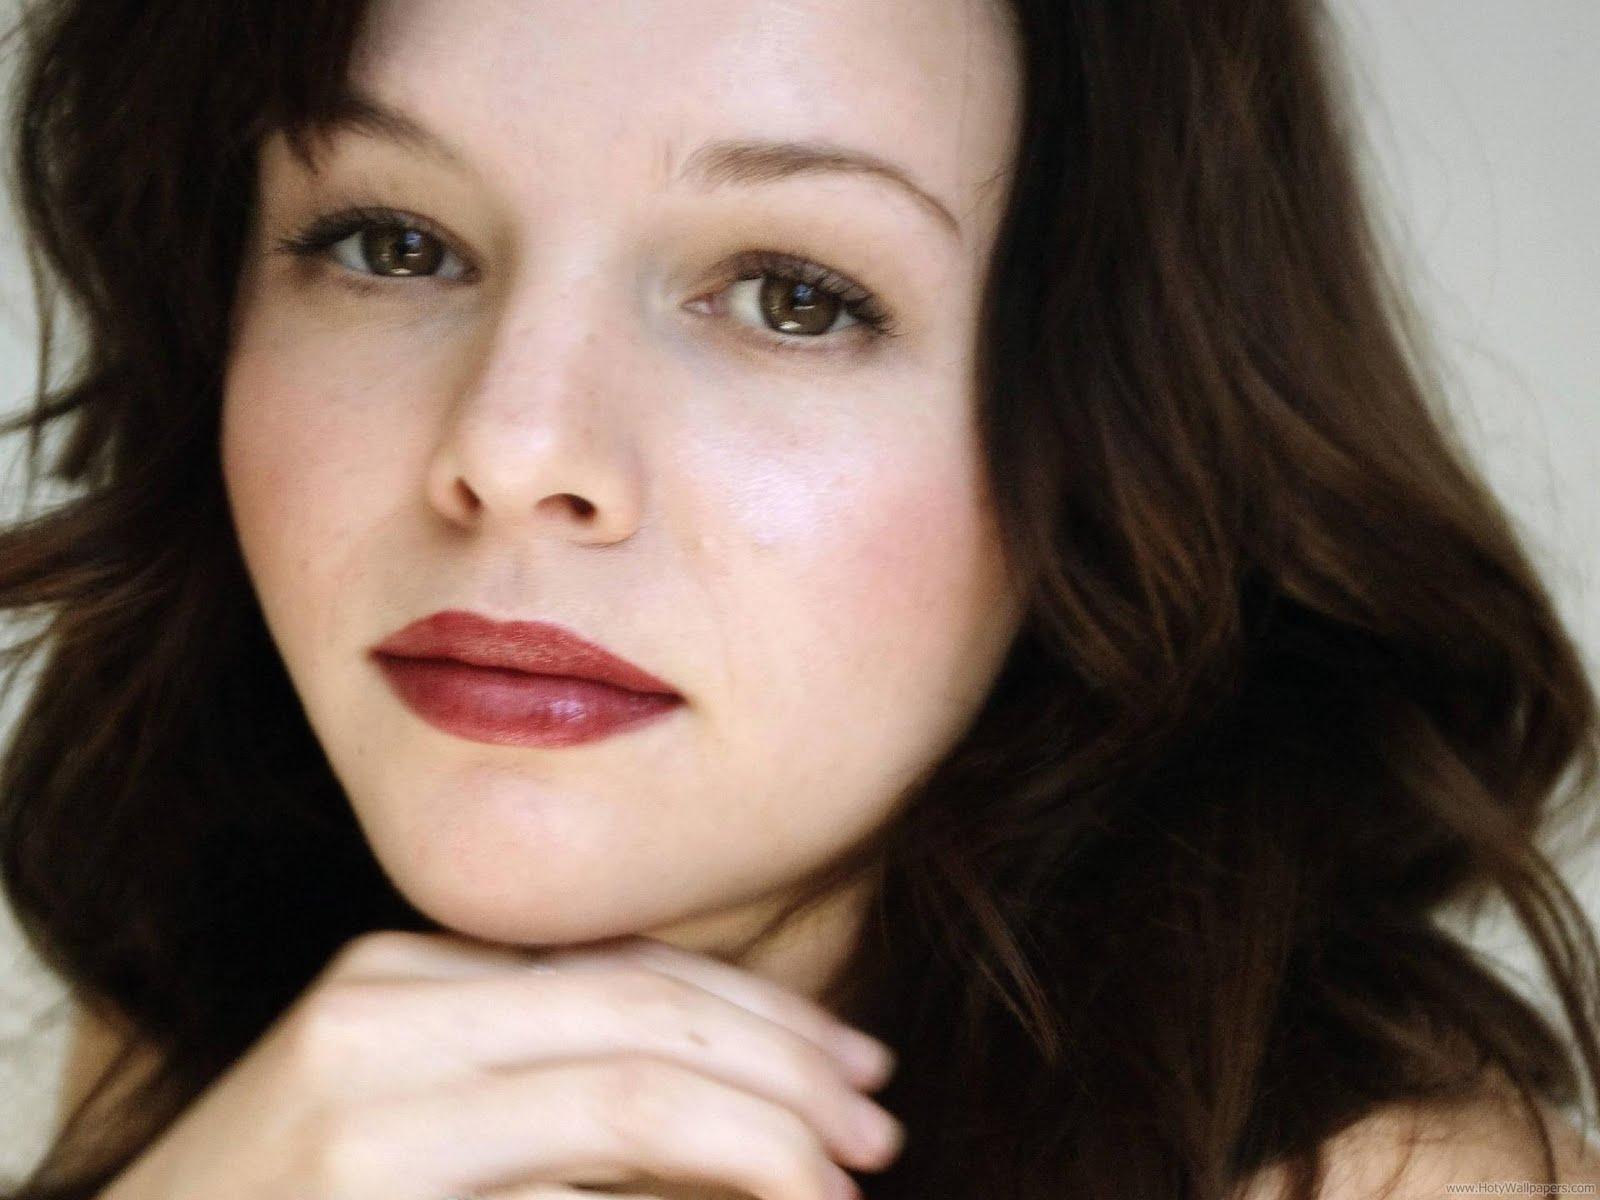 http://2.bp.blogspot.com/-lU341Fs_Mds/Tvx9p7QYzSI/AAAAAAAABm0/B5sqK0RuMRY/s1600/actress_amber_tamblyn_wallpaper-01.jpg